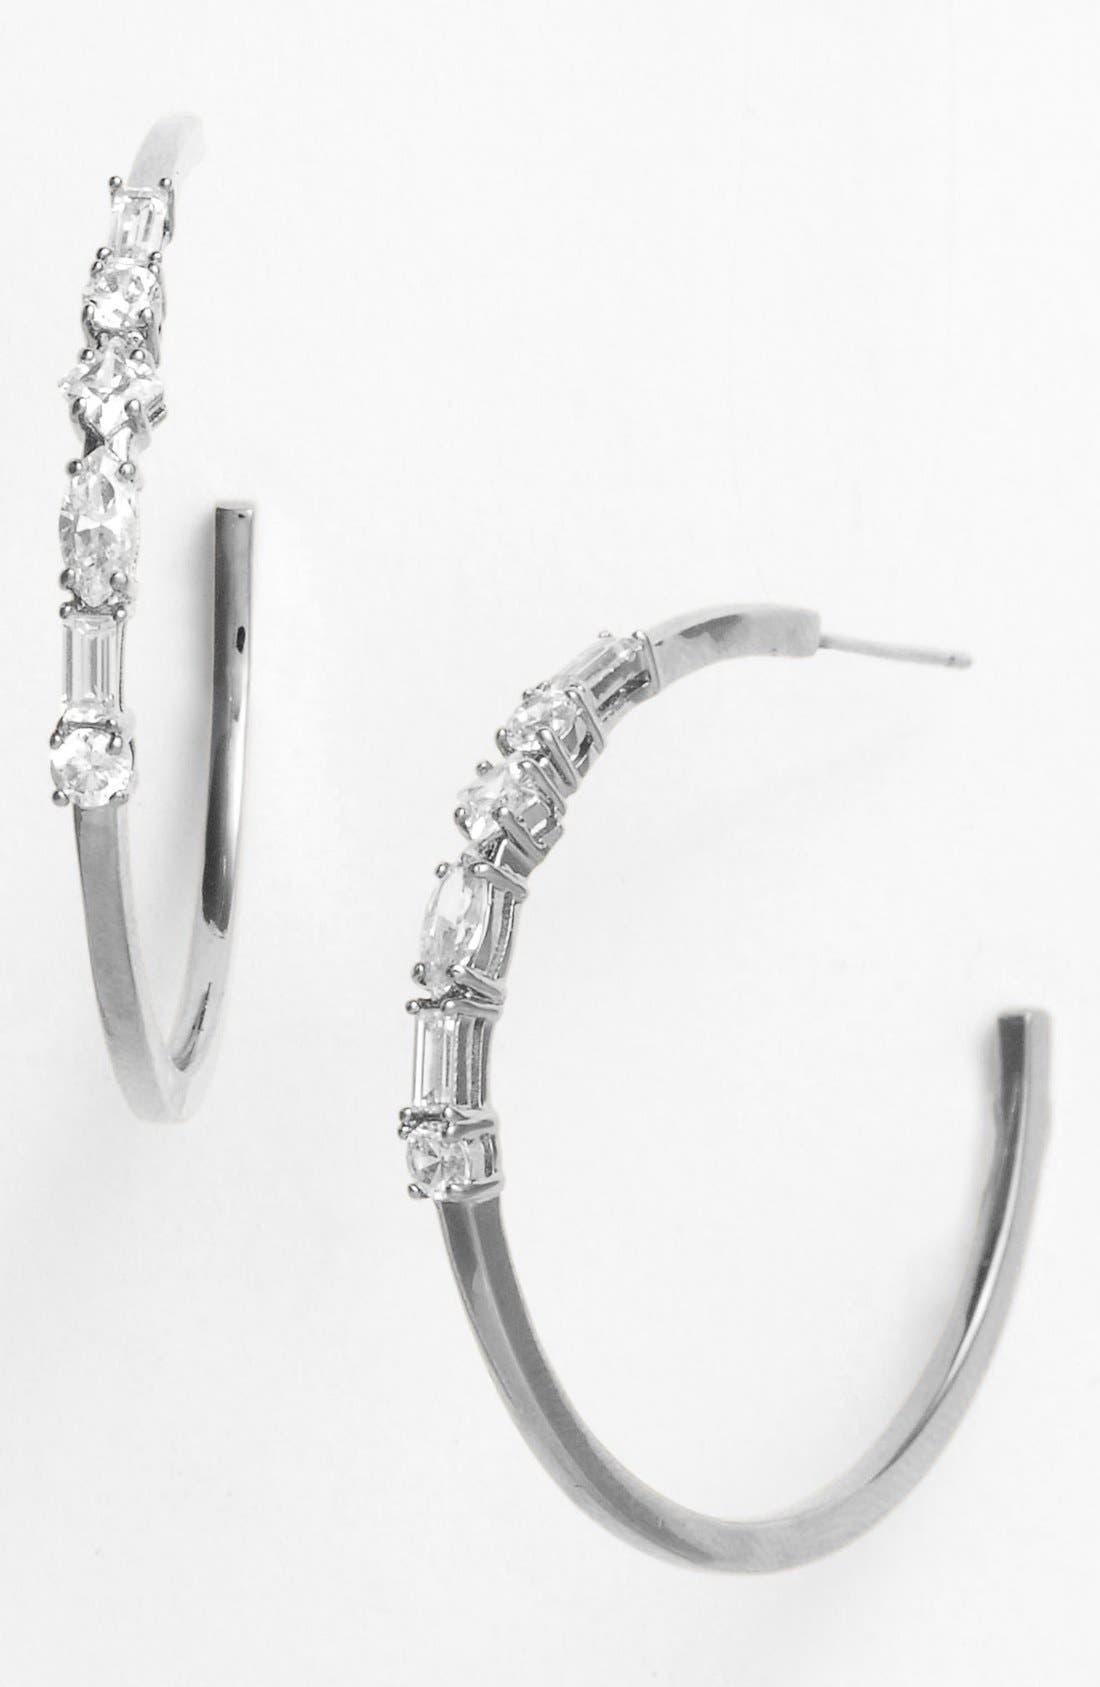 Alternate Image 1 Selected - Nadri Mixed Cut Hoop Earrings (Nordstrom Exclusive)